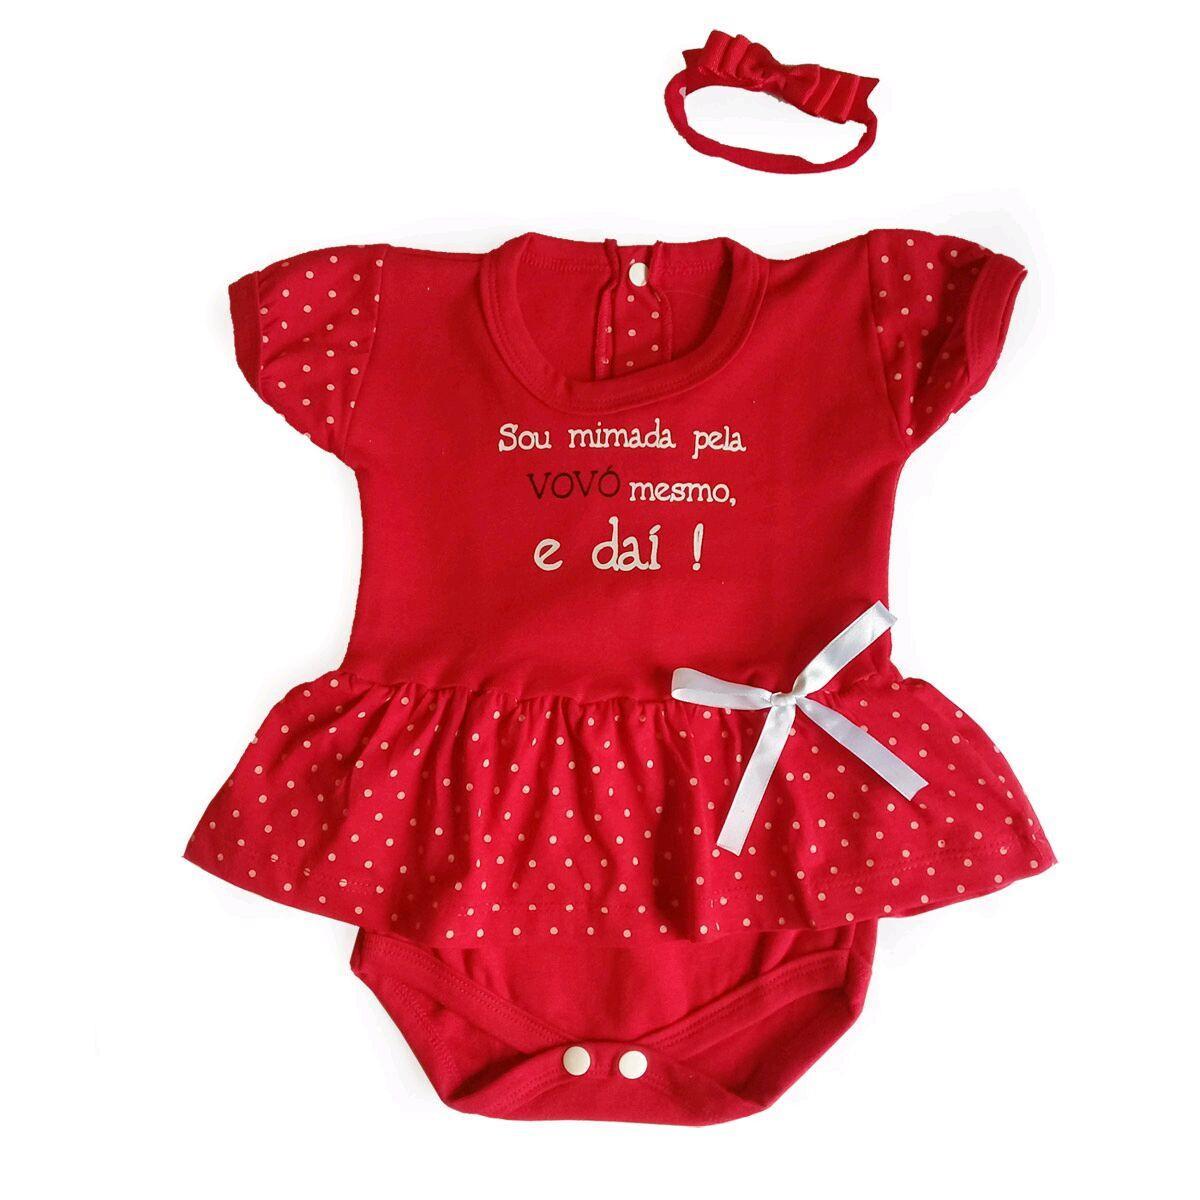 2232893c0 Kit bebê body vermelho